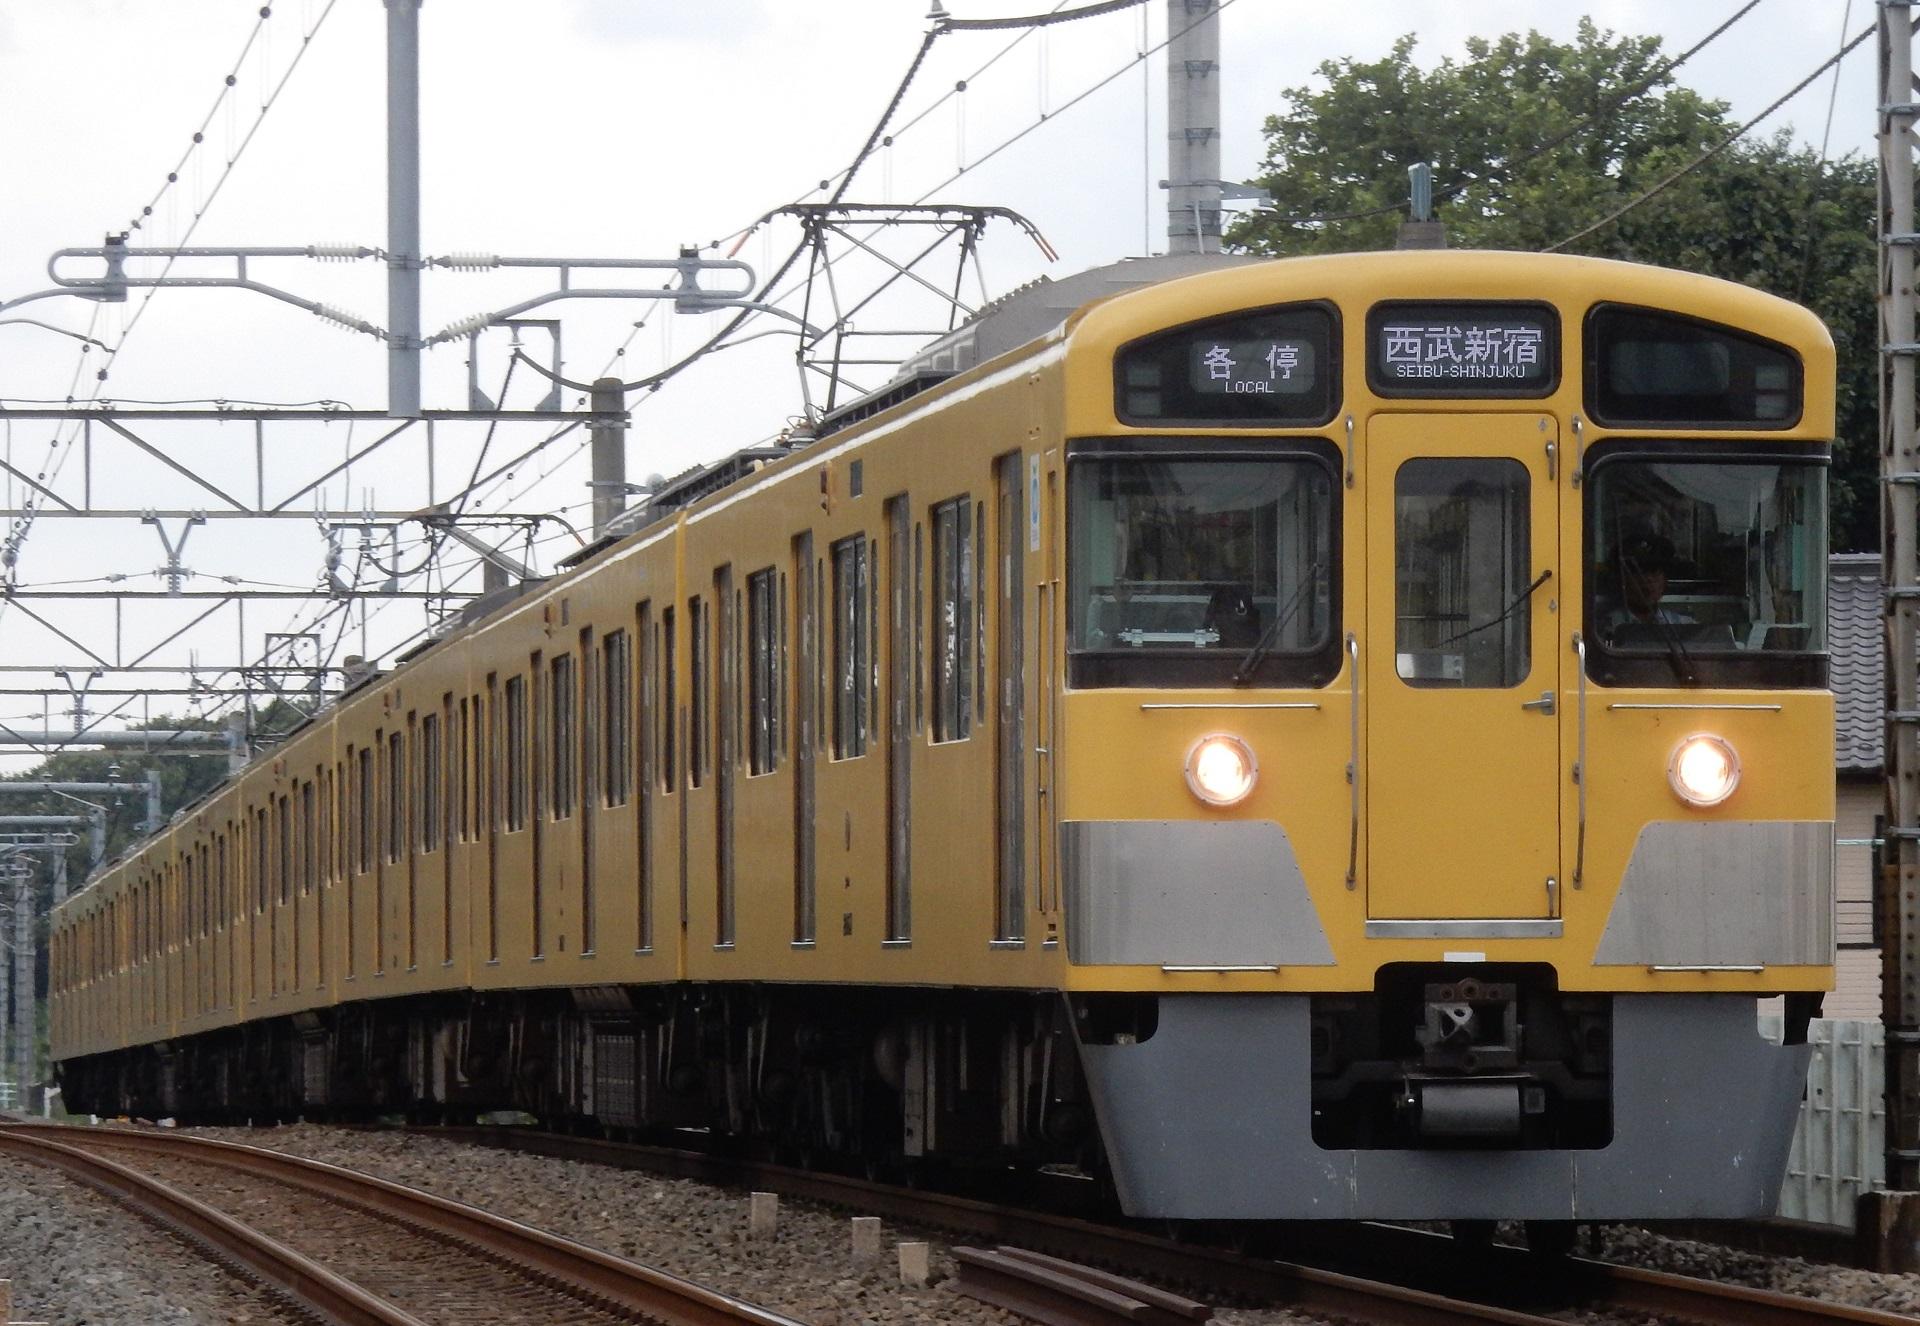 DSCN4652 - コピー